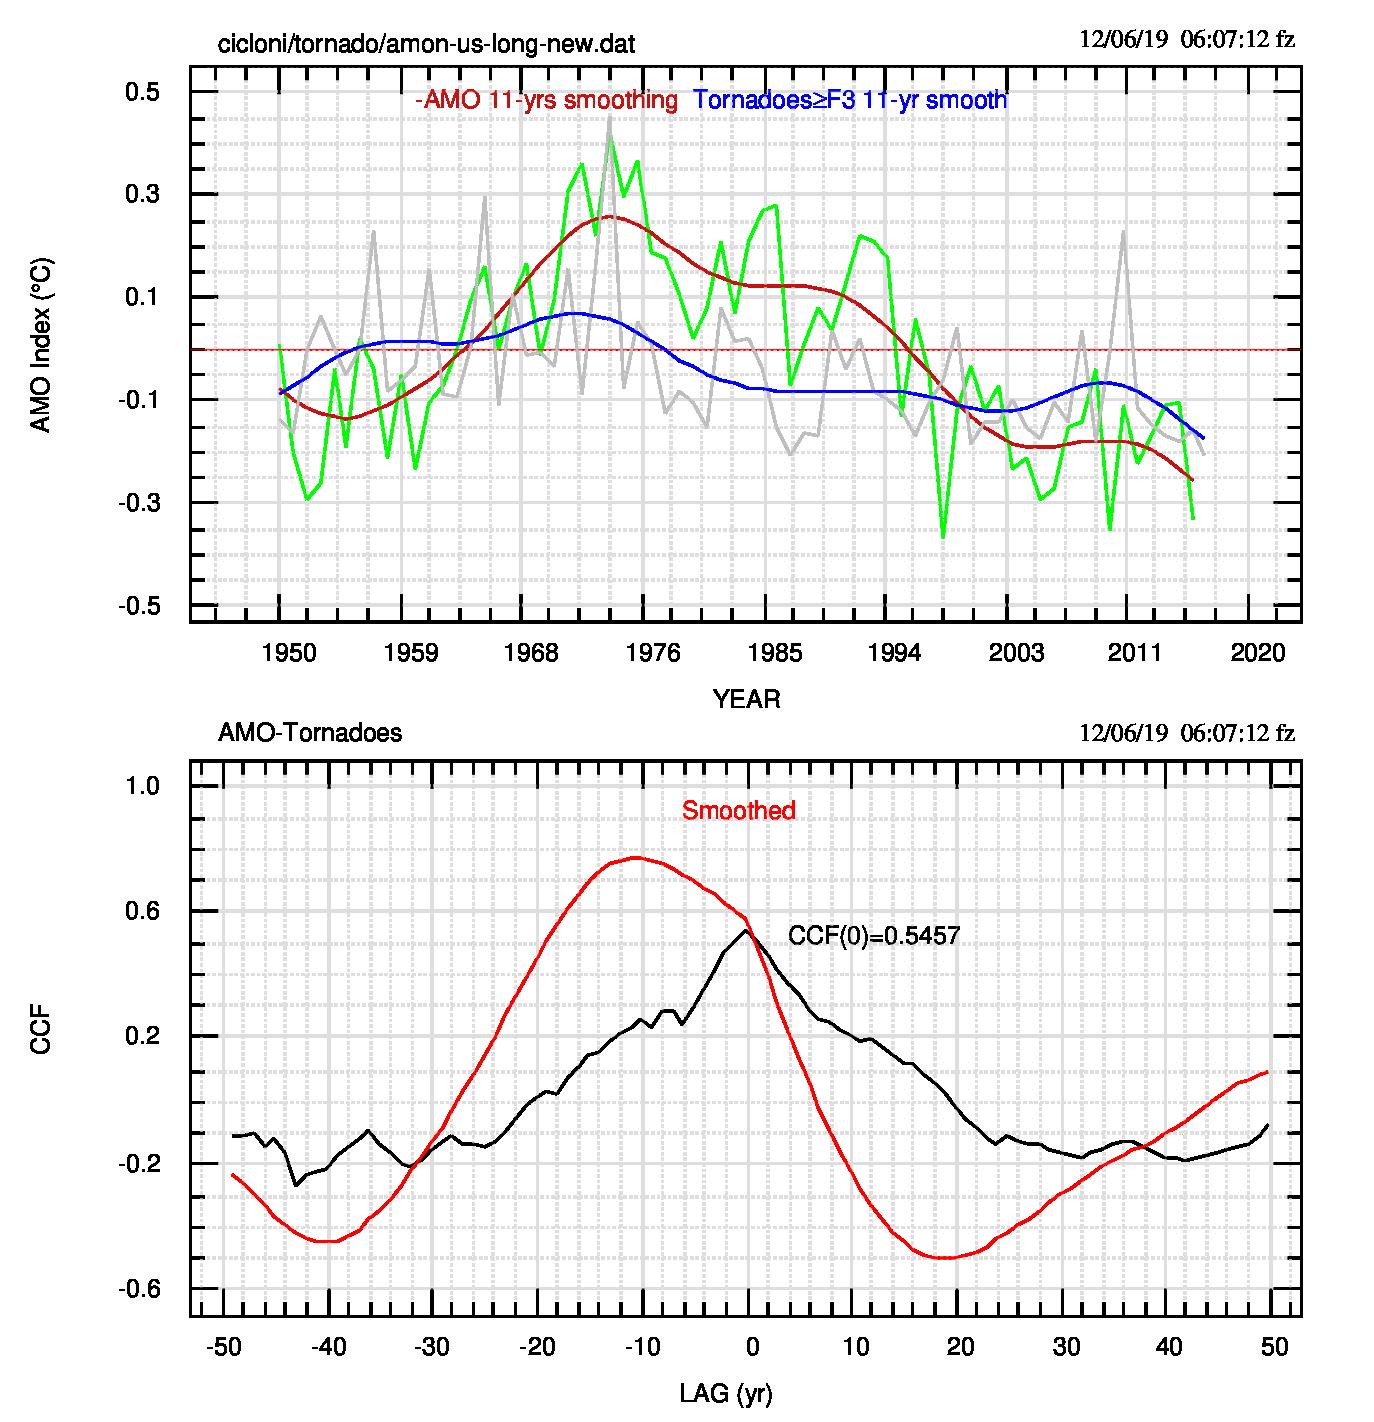 Fig.2: Relazione tra AMO (moltiplicata per -1) e frequenza dei tornado.Sono mostrate anche le serie filtrate su una finestra di 11 anni e, nel quadro inferiore, la funzione di cross-correlazione (CCF) dei dati osservati e filtrati. Si vede che il filtraggio deforma la CCF. CFF(0) è la correlazione a lag 0, ovvero il coefficiente di correlazione di Pearson. I dati dei tornado sono stati divisi per 200 così da avere valori confrontabili con quelli di AMO.